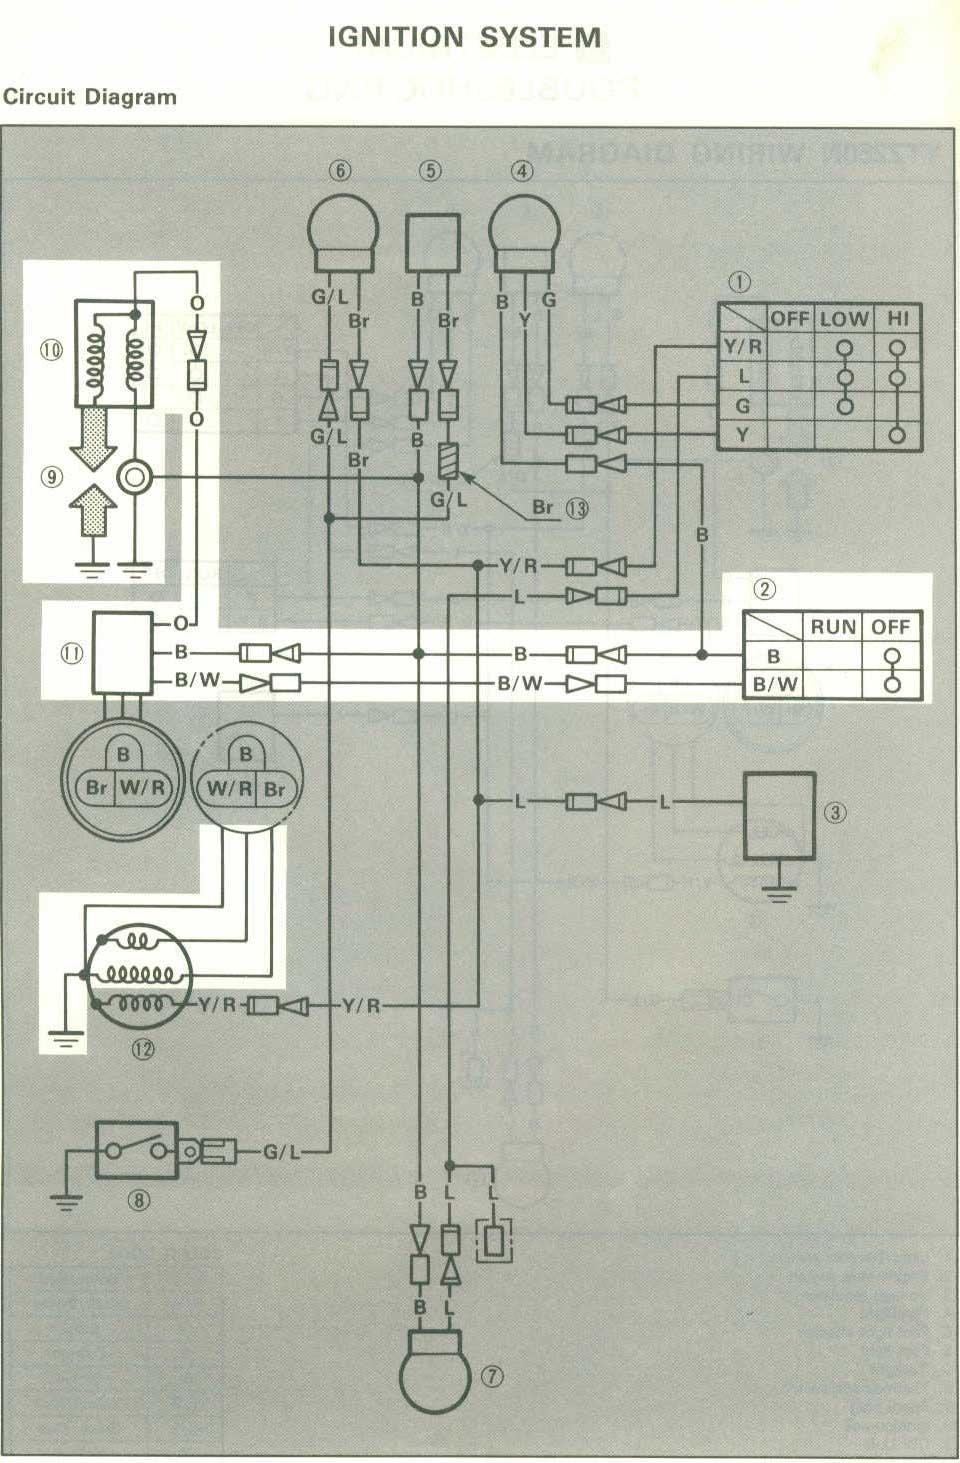 1990 yamaha moto 4 350 wiring diagram emg 3 pickup cc best library ytm 225 digram explained rh 1 12 corruptionincoal org